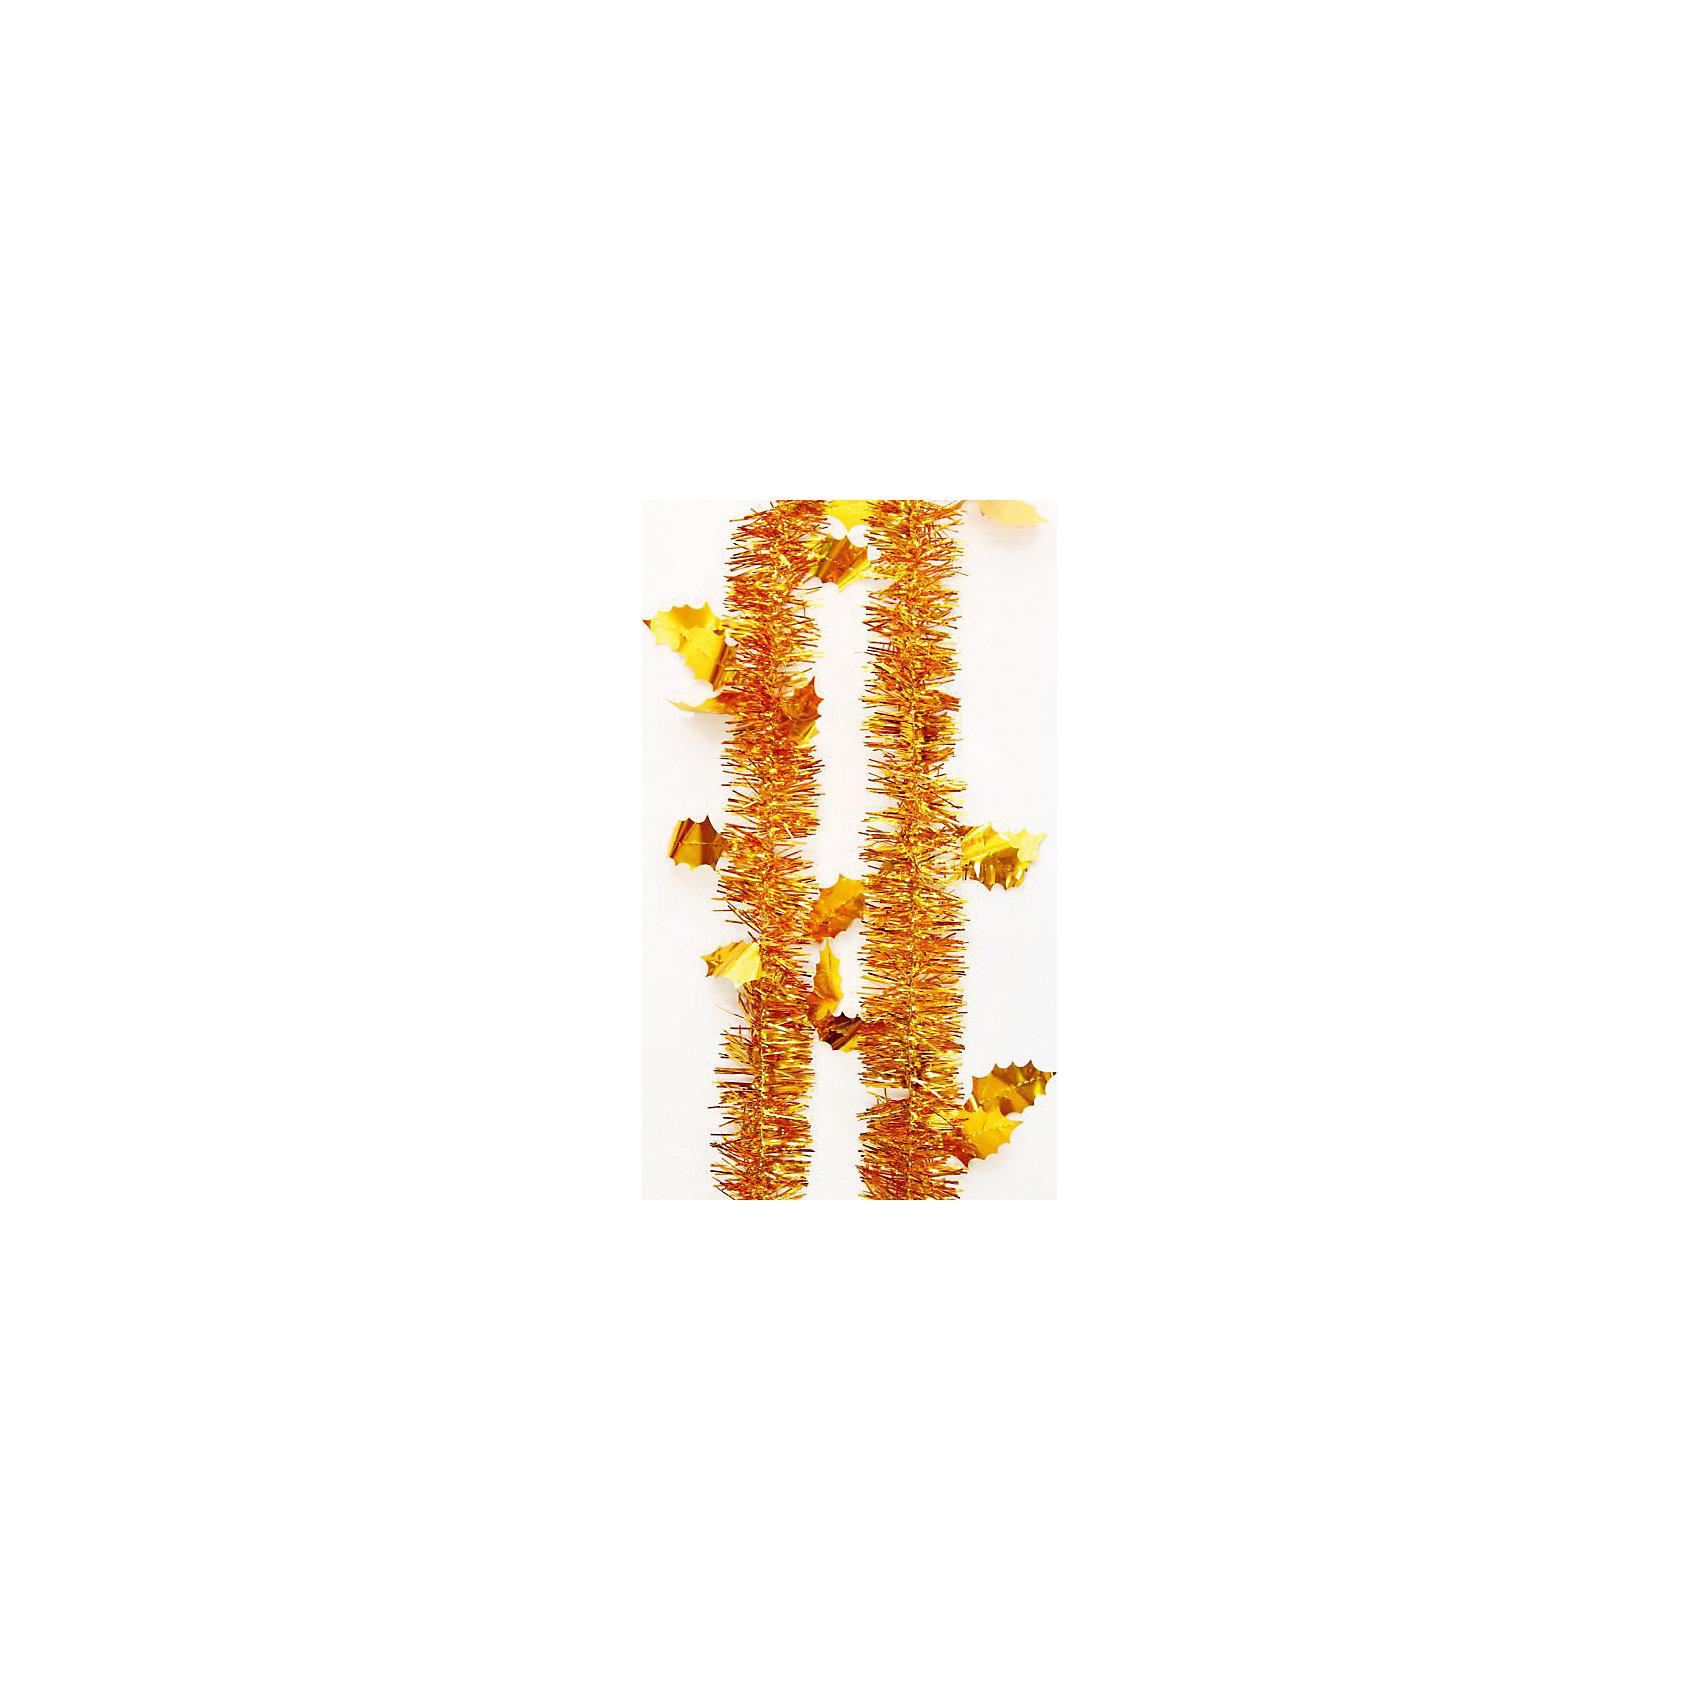 Мишура Золотые листья 6*200 смНовогодняя мишура и бусы<br>Мишура в золотом цвете с листьями отлично подойдет для украшения к новому году. Мишура создаст особую новогоднюю атмосферу, благодаря своему блеску. Она не будет сыпаться, поэтому останется яркой и блестящей и будет радовать вас ещё не один год. <br>Характеристика:<br>-Размер: 6 м 200 см<br>-Цвет: золотой<br>-Арт.: 34902<br><br>Мишуру Золотой с листьями можно приобрести в нашем интернет-магазине.<br><br>Ширина мм: 100<br>Глубина мм: 100<br>Высота мм: 60<br>Вес г: 18<br>Возраст от месяцев: 36<br>Возраст до месяцев: 2147483647<br>Пол: Унисекс<br>Возраст: Детский<br>SKU: 4981446